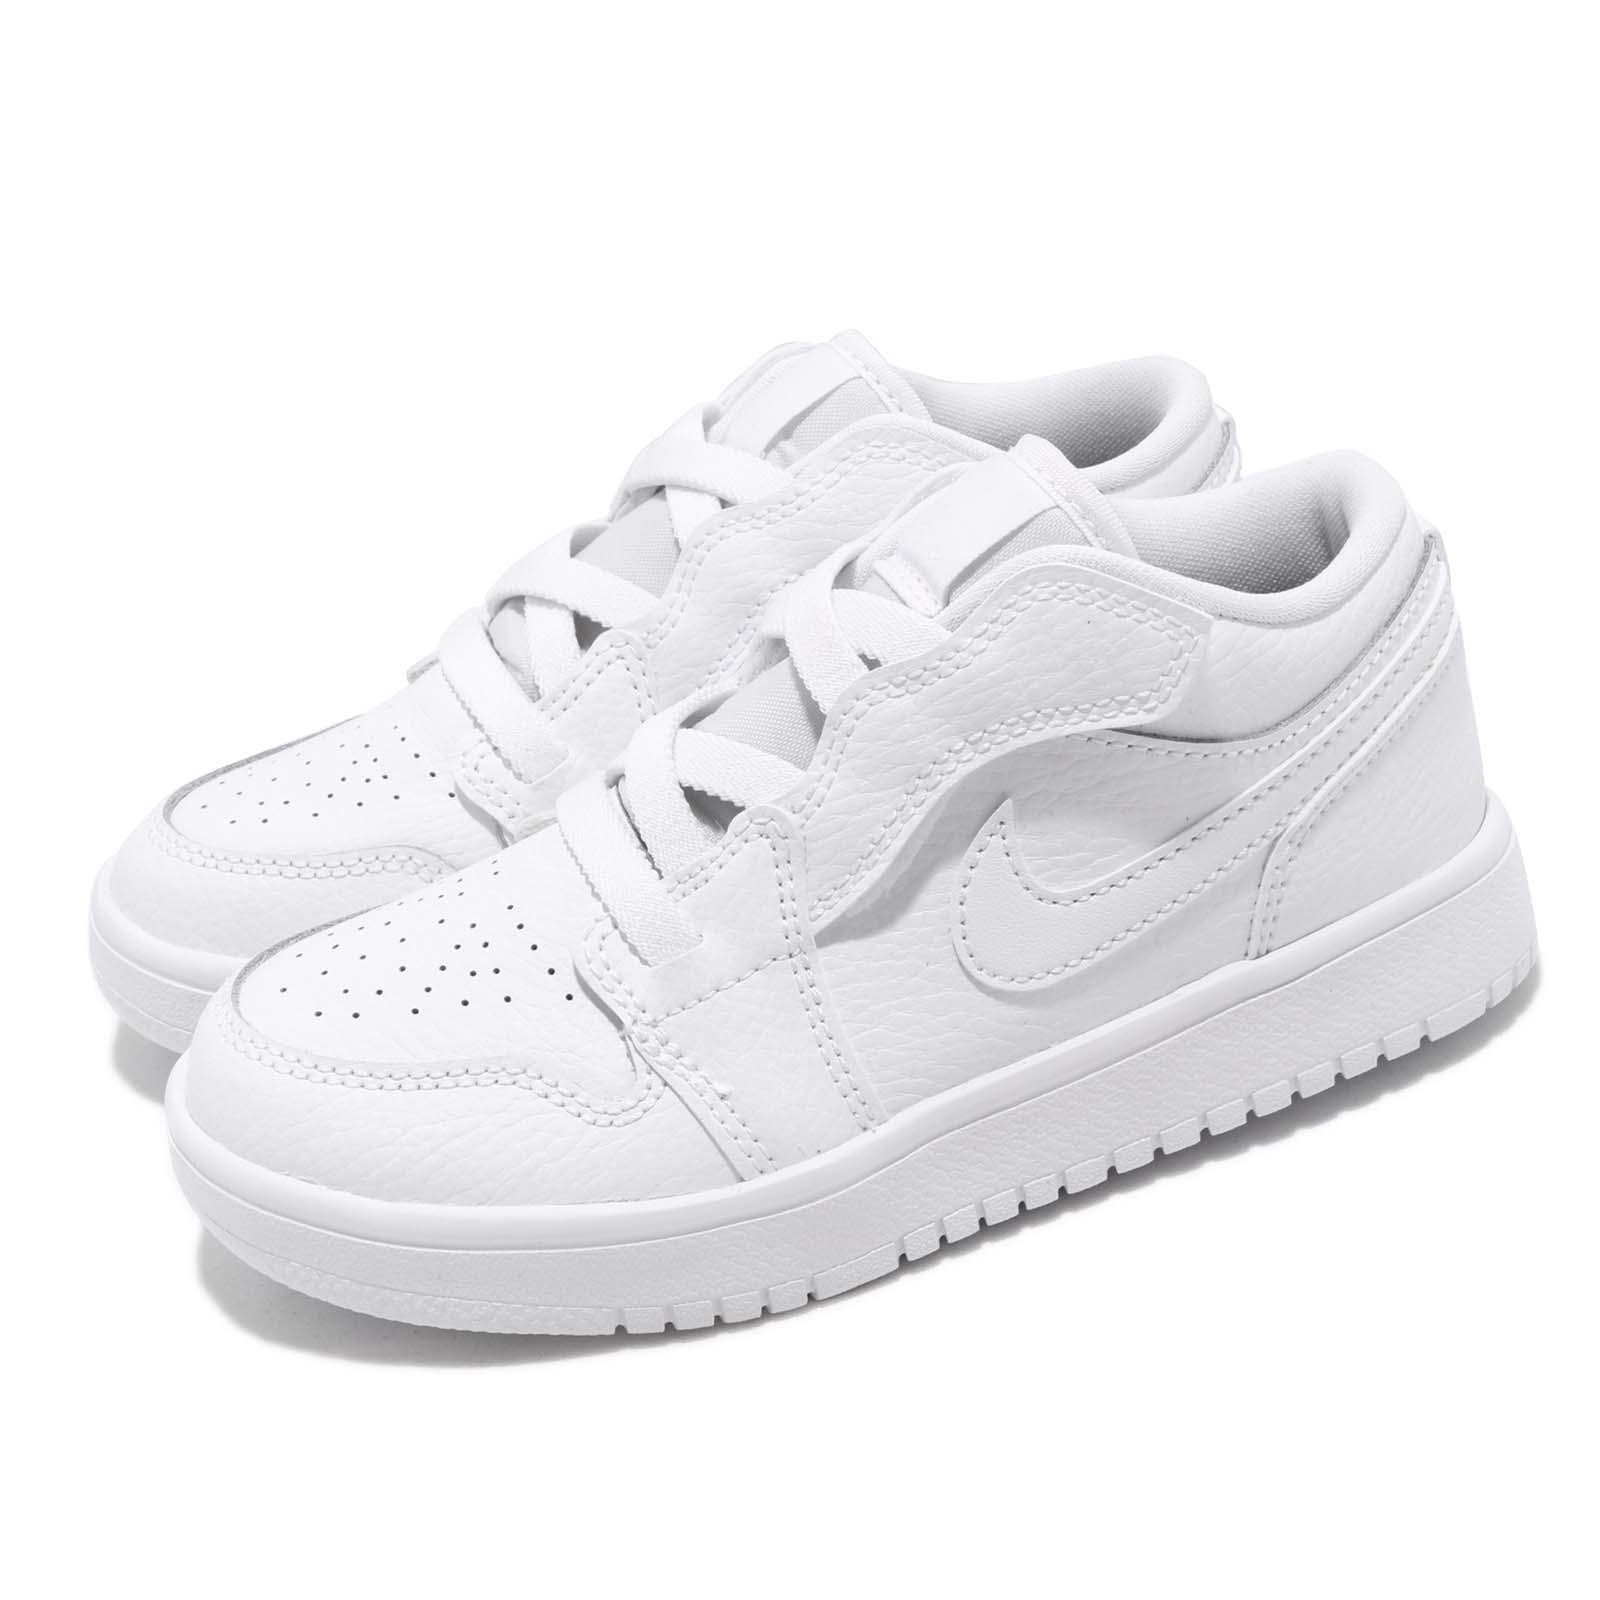 Nike 休閒鞋 Jordan 1 Low ALT 童鞋 BQ6066-129